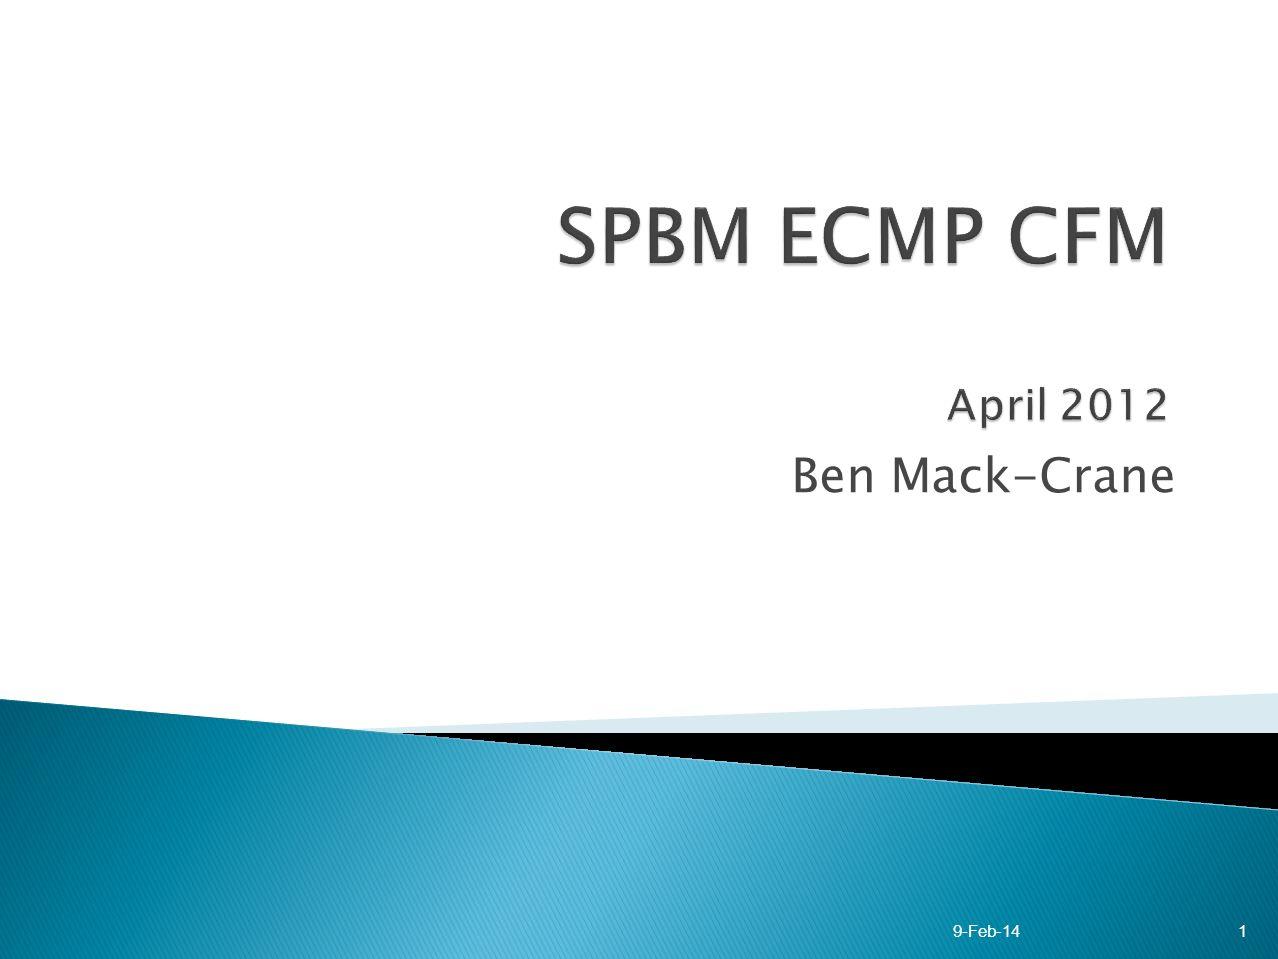 Ben Mack-Crane 9-Feb-141